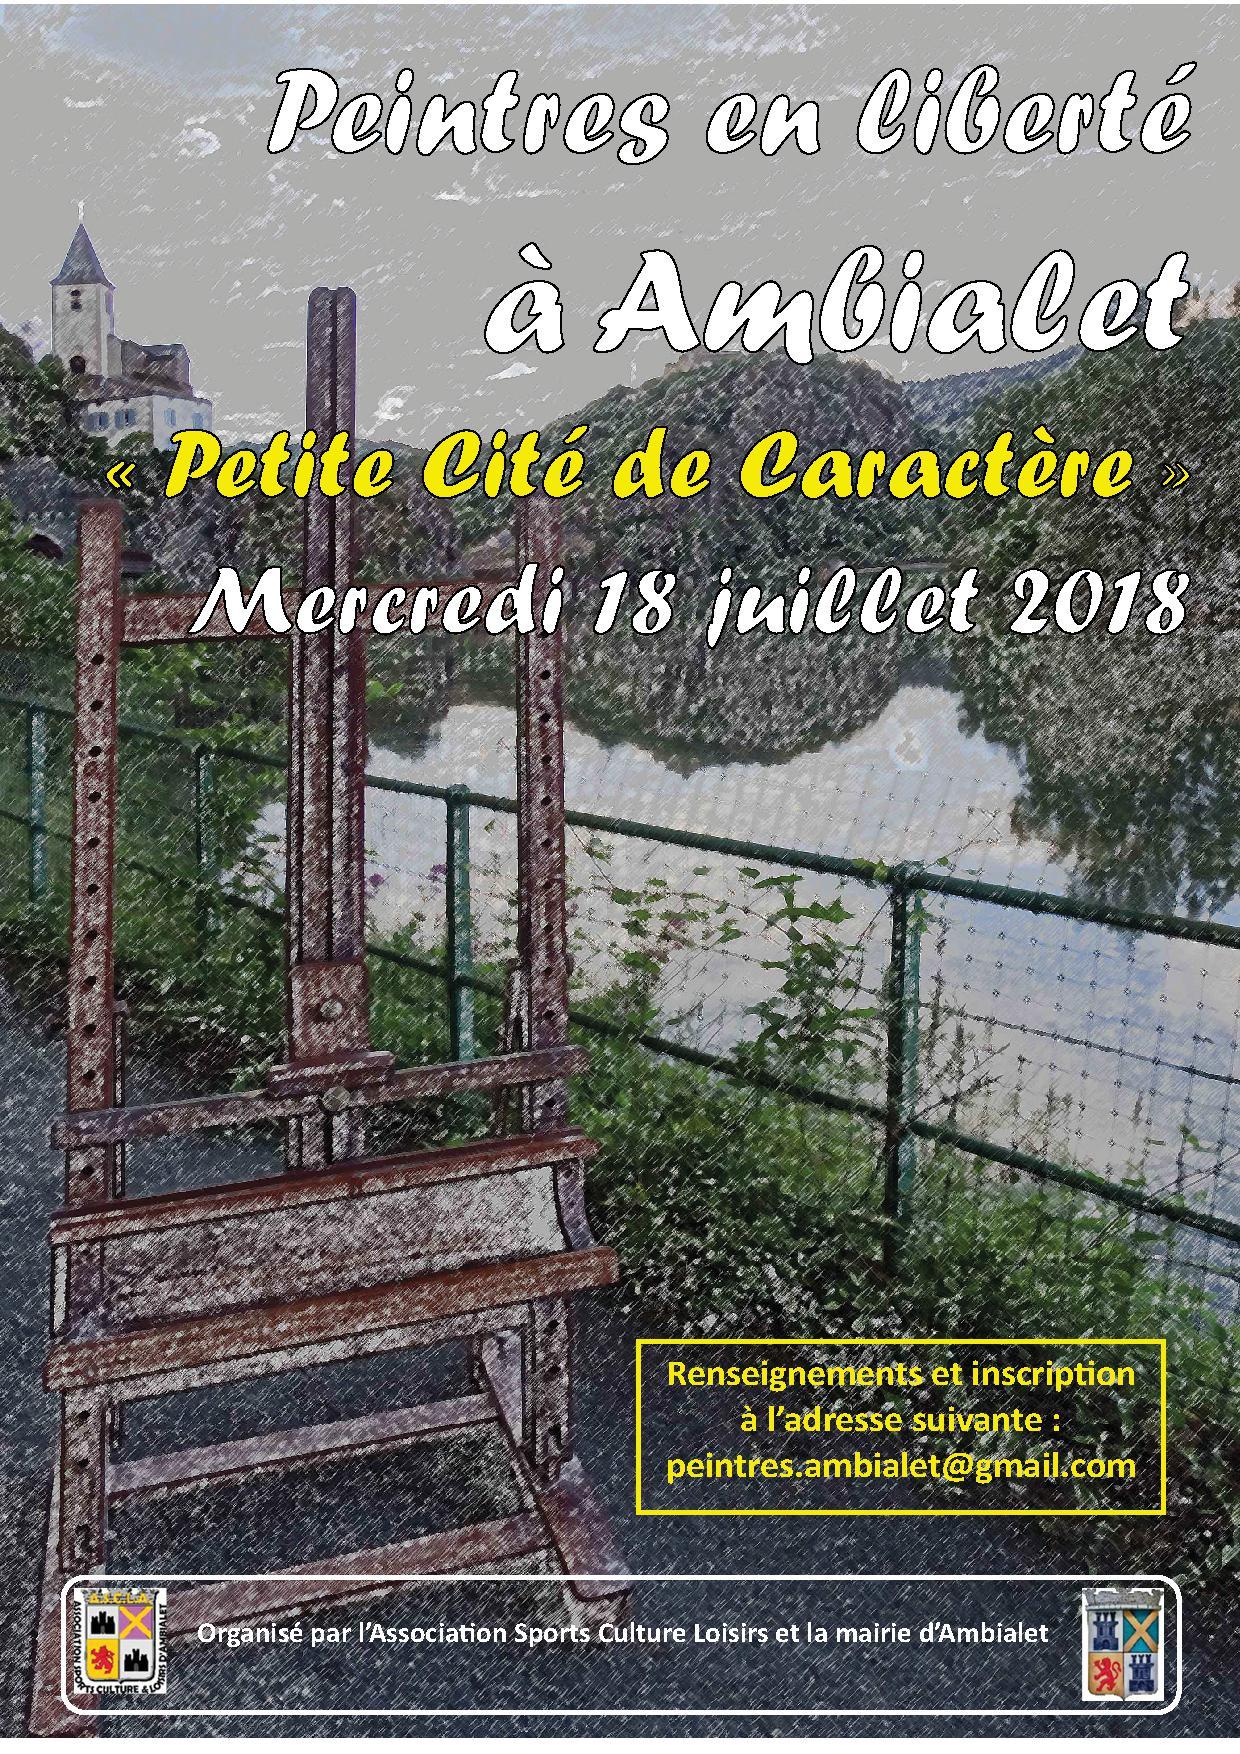 LES « PEINTRES EN LIBERTE » S'INVITENT A AMBIALET – PETITE CITE DE CARACTERE